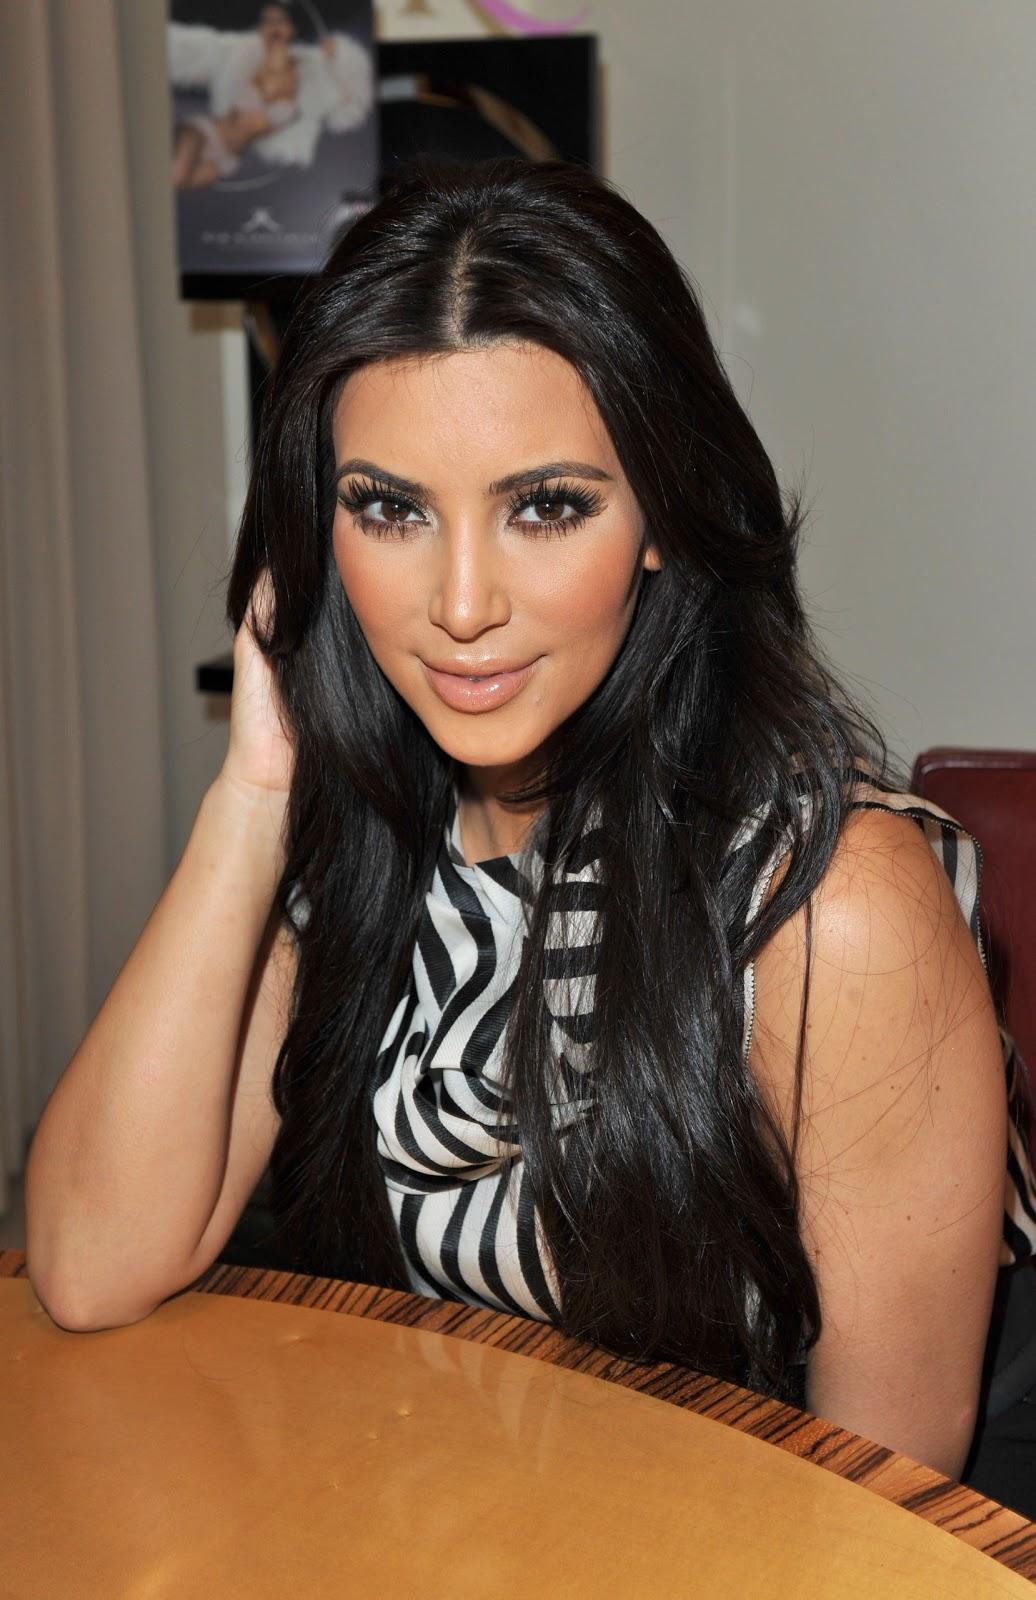 http://1.bp.blogspot.com/-npf80BCMrUg/Th--e5-uigI/AAAAAAAAA90/SaYLSlfhDXk/s1600/Kim%2Bkardashian%2Bhot%2Bphoto%2Bshoot1.jpg